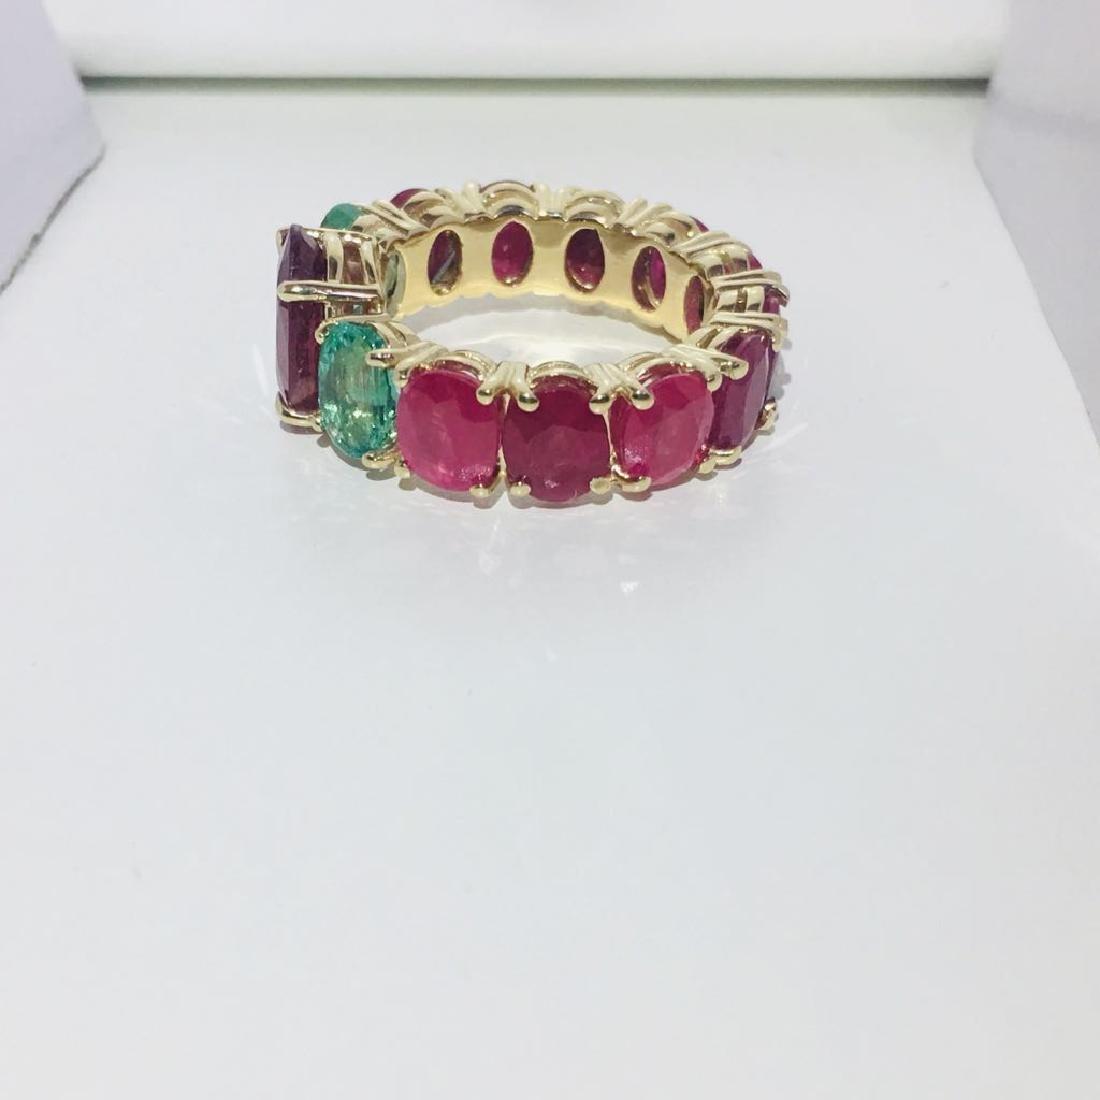 12.70 TCW ruby & emerald gemstone; 14k gold ring - 4